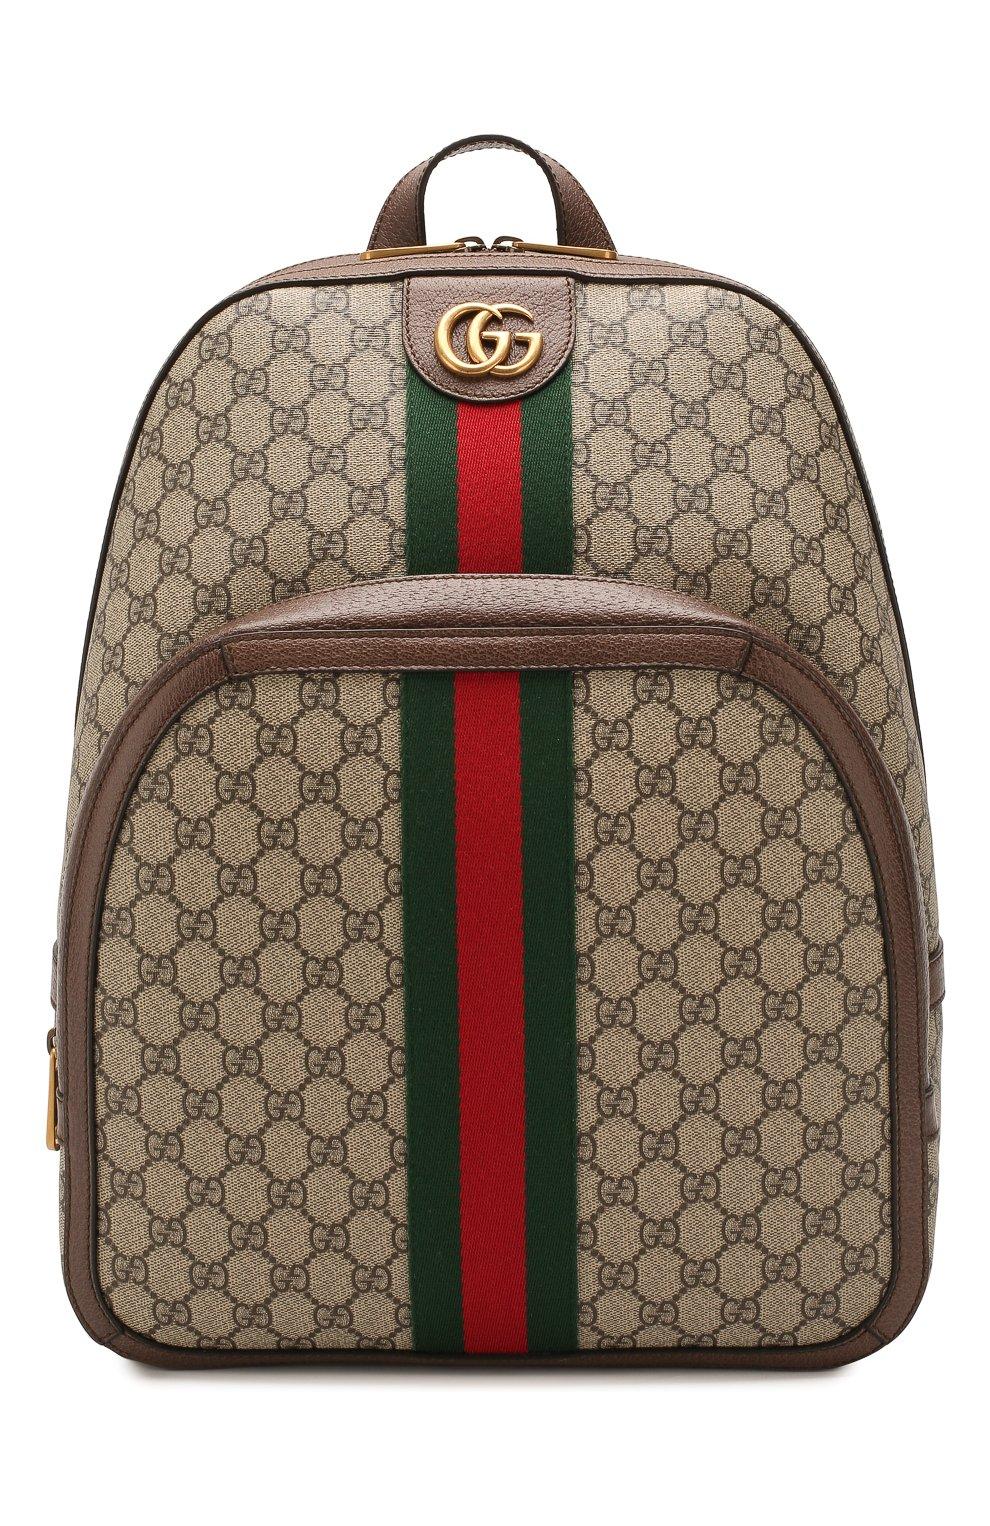 Рюкзак Ophidia GG Gucci бежевый  2418d54fb38fc